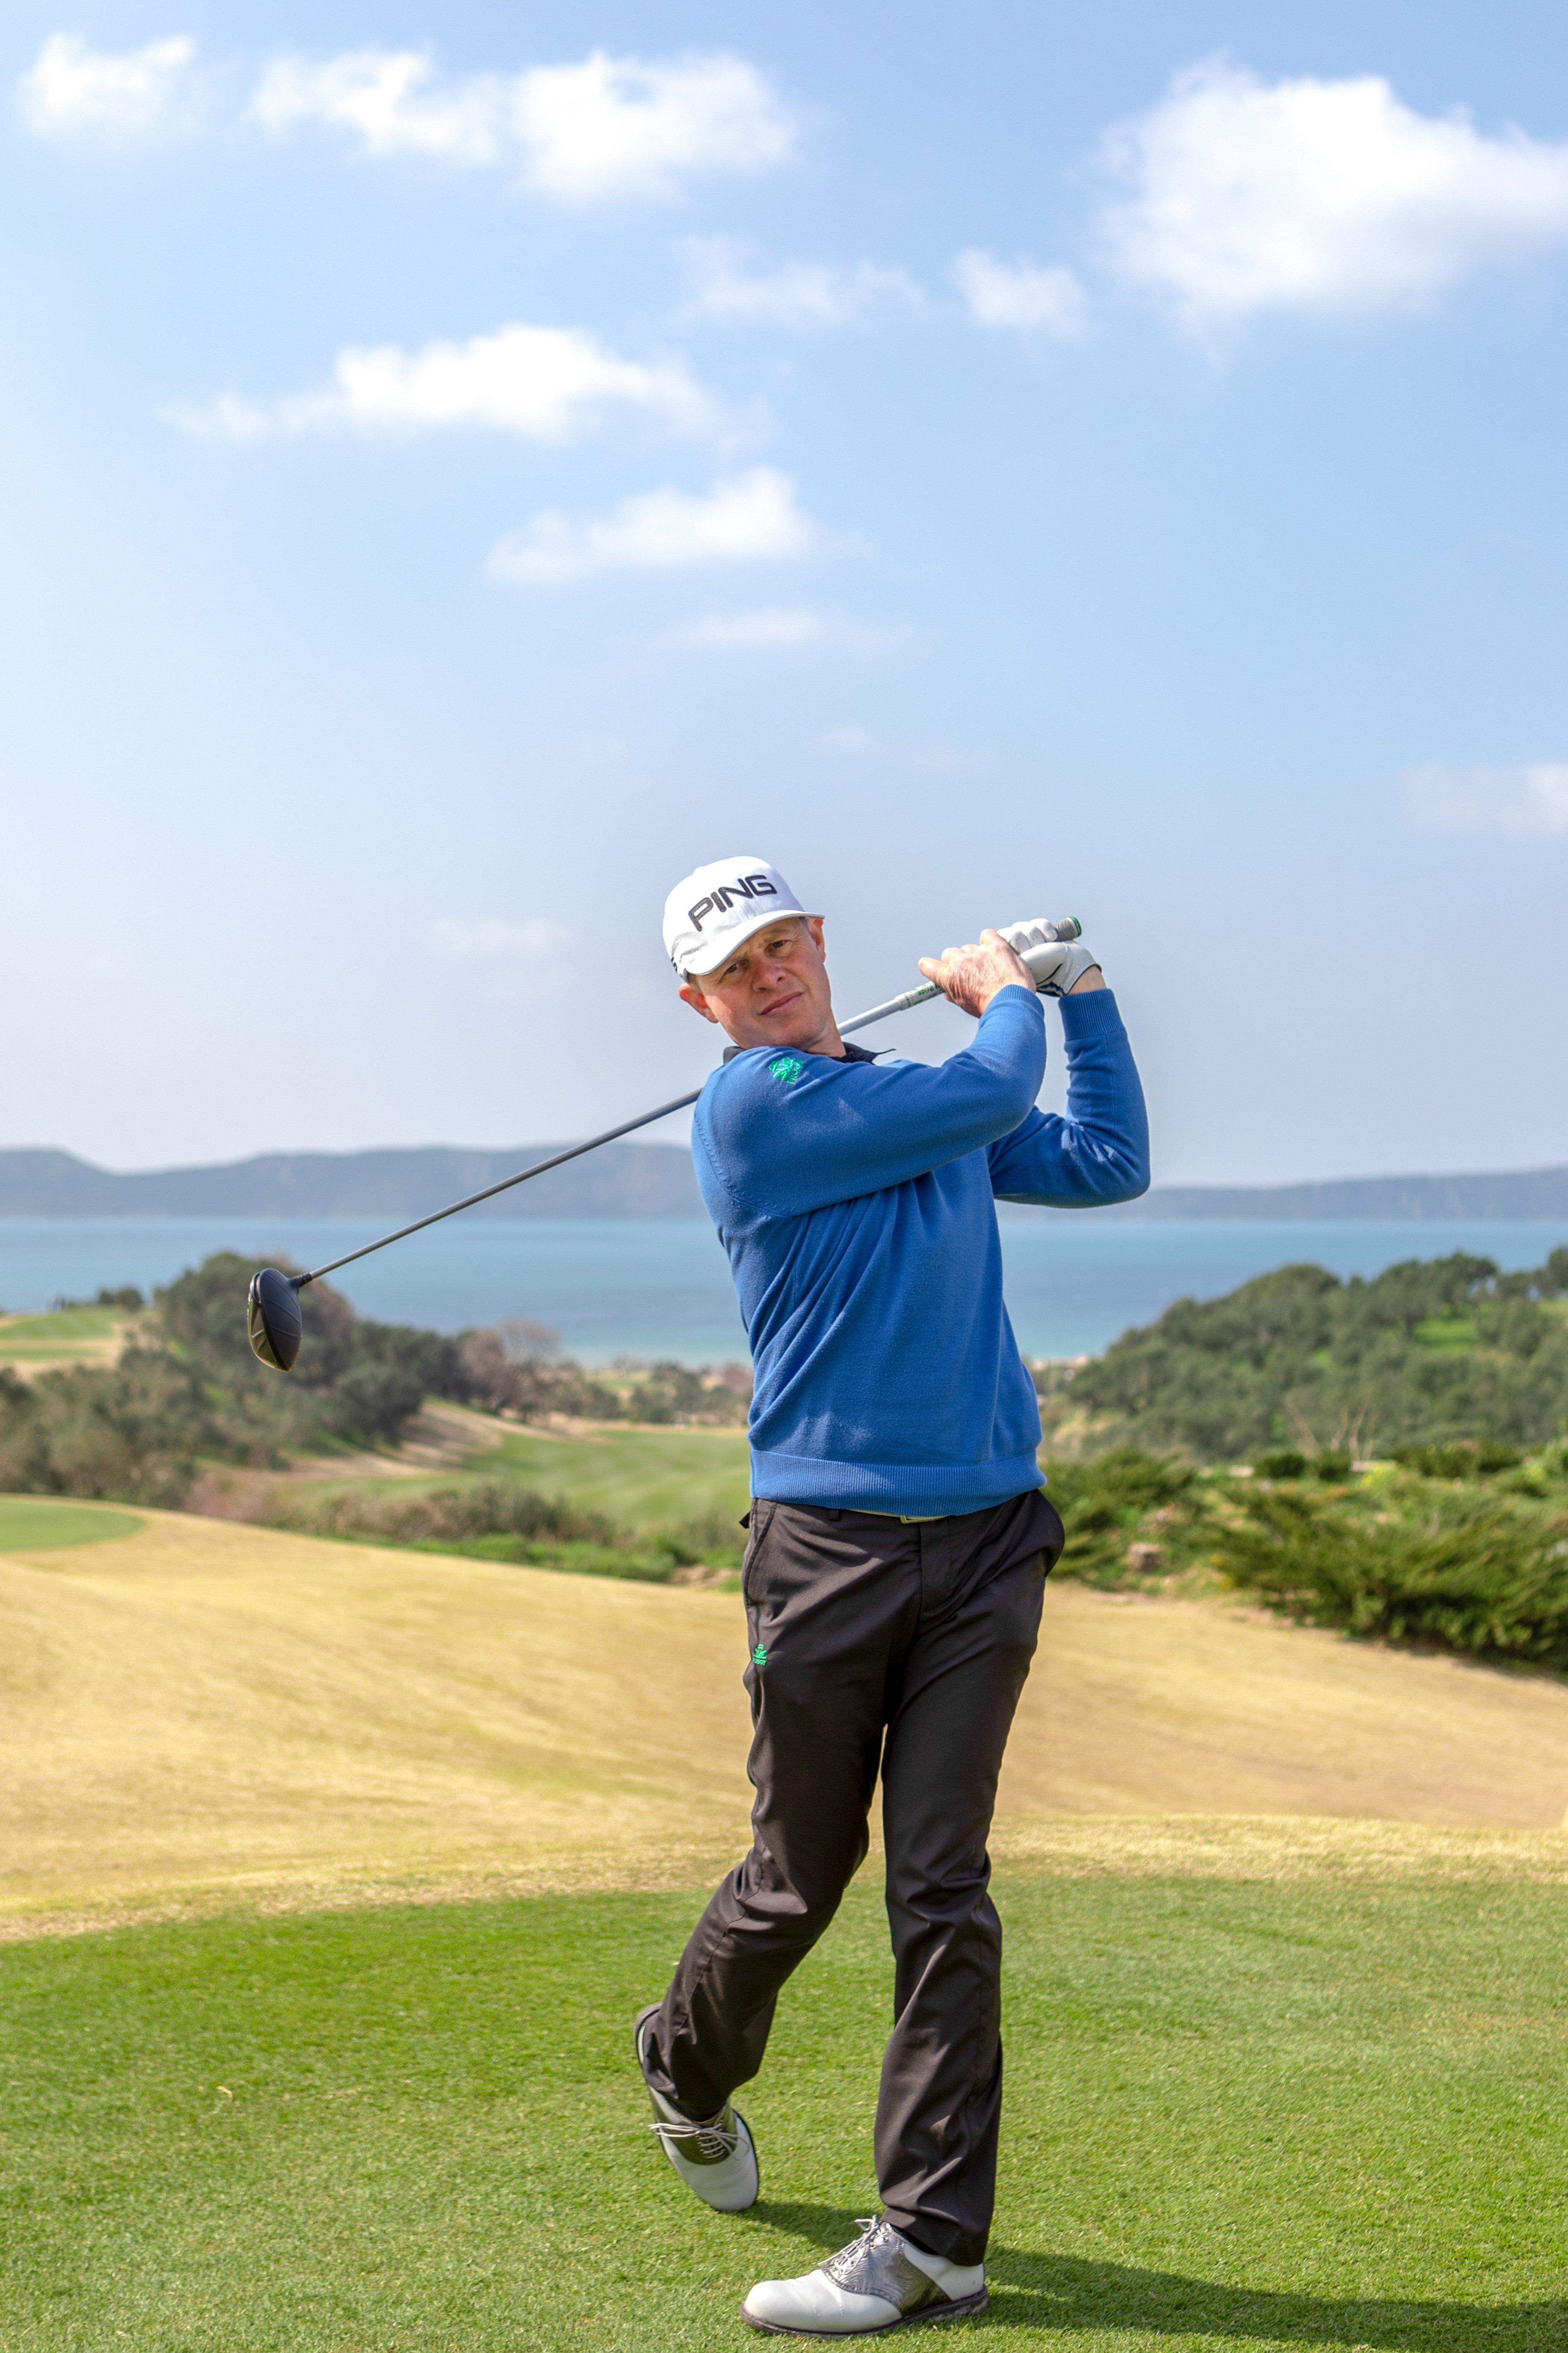 Alessandro Tadini, PGA of Italy